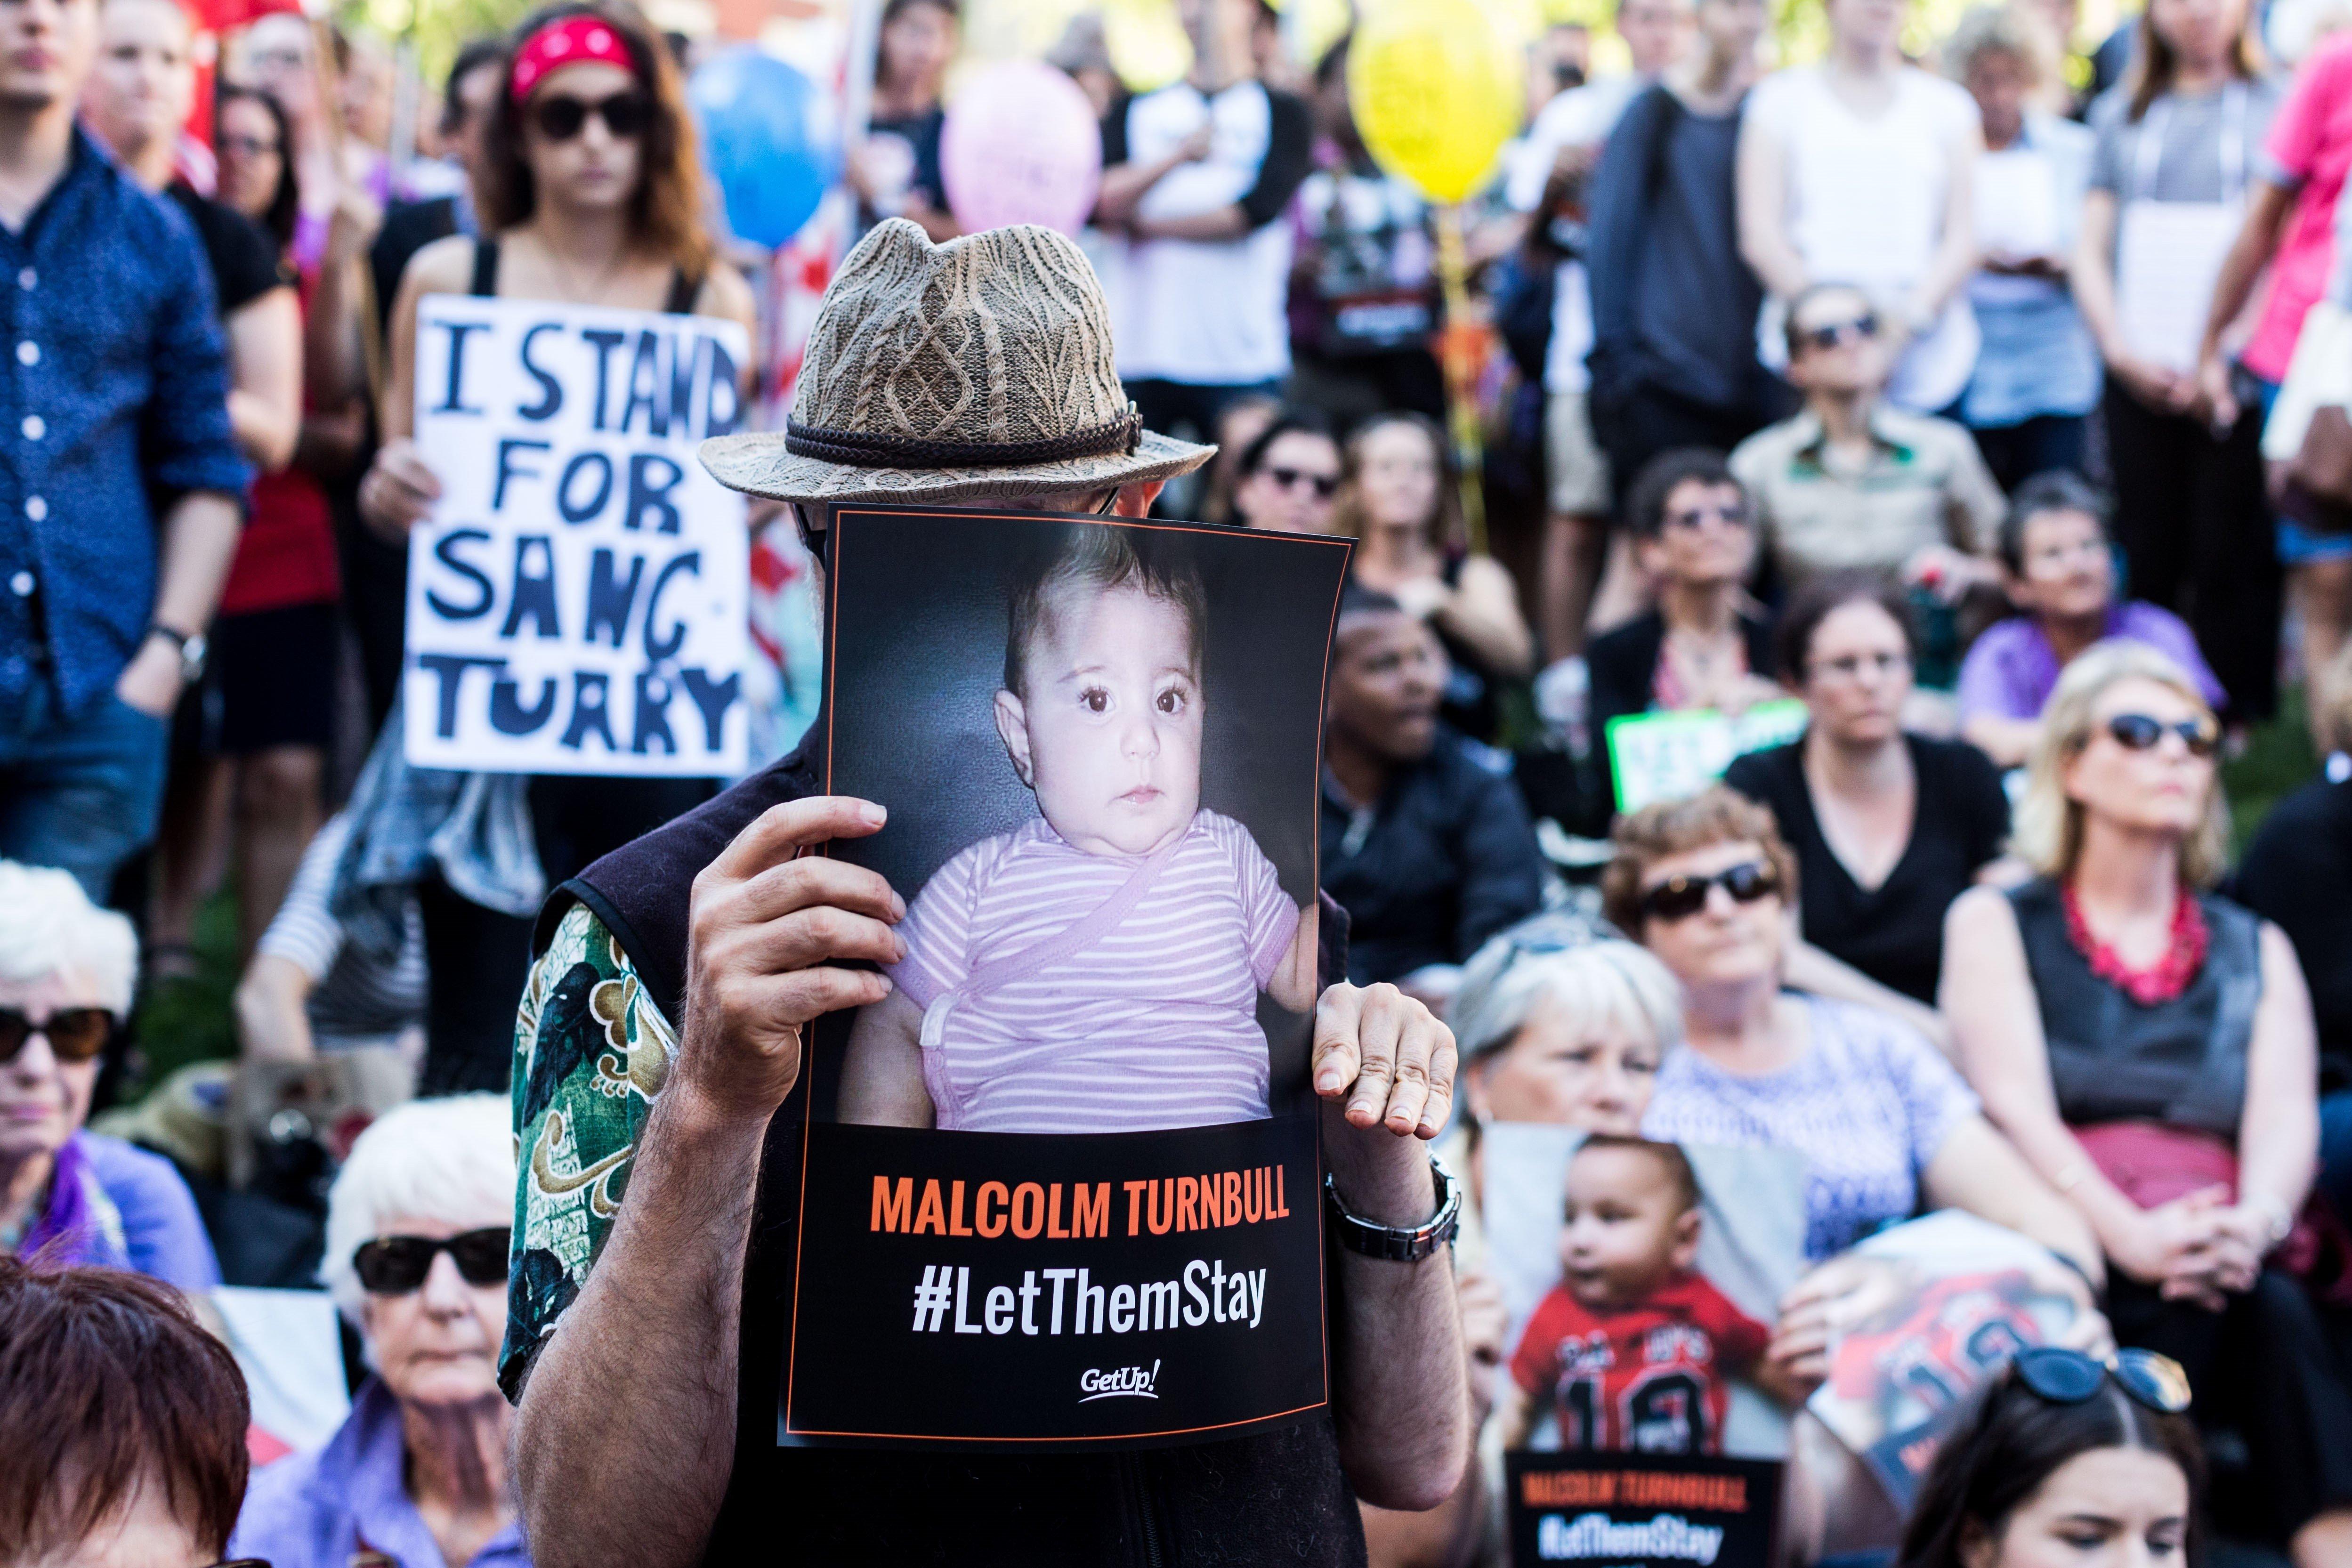 Ναουρού, η ντροπή της Αυστραλίας. Το «νησί της χαράς» όπου τα παιδιά δεν τρώνε, δεν πίνουν, δεν